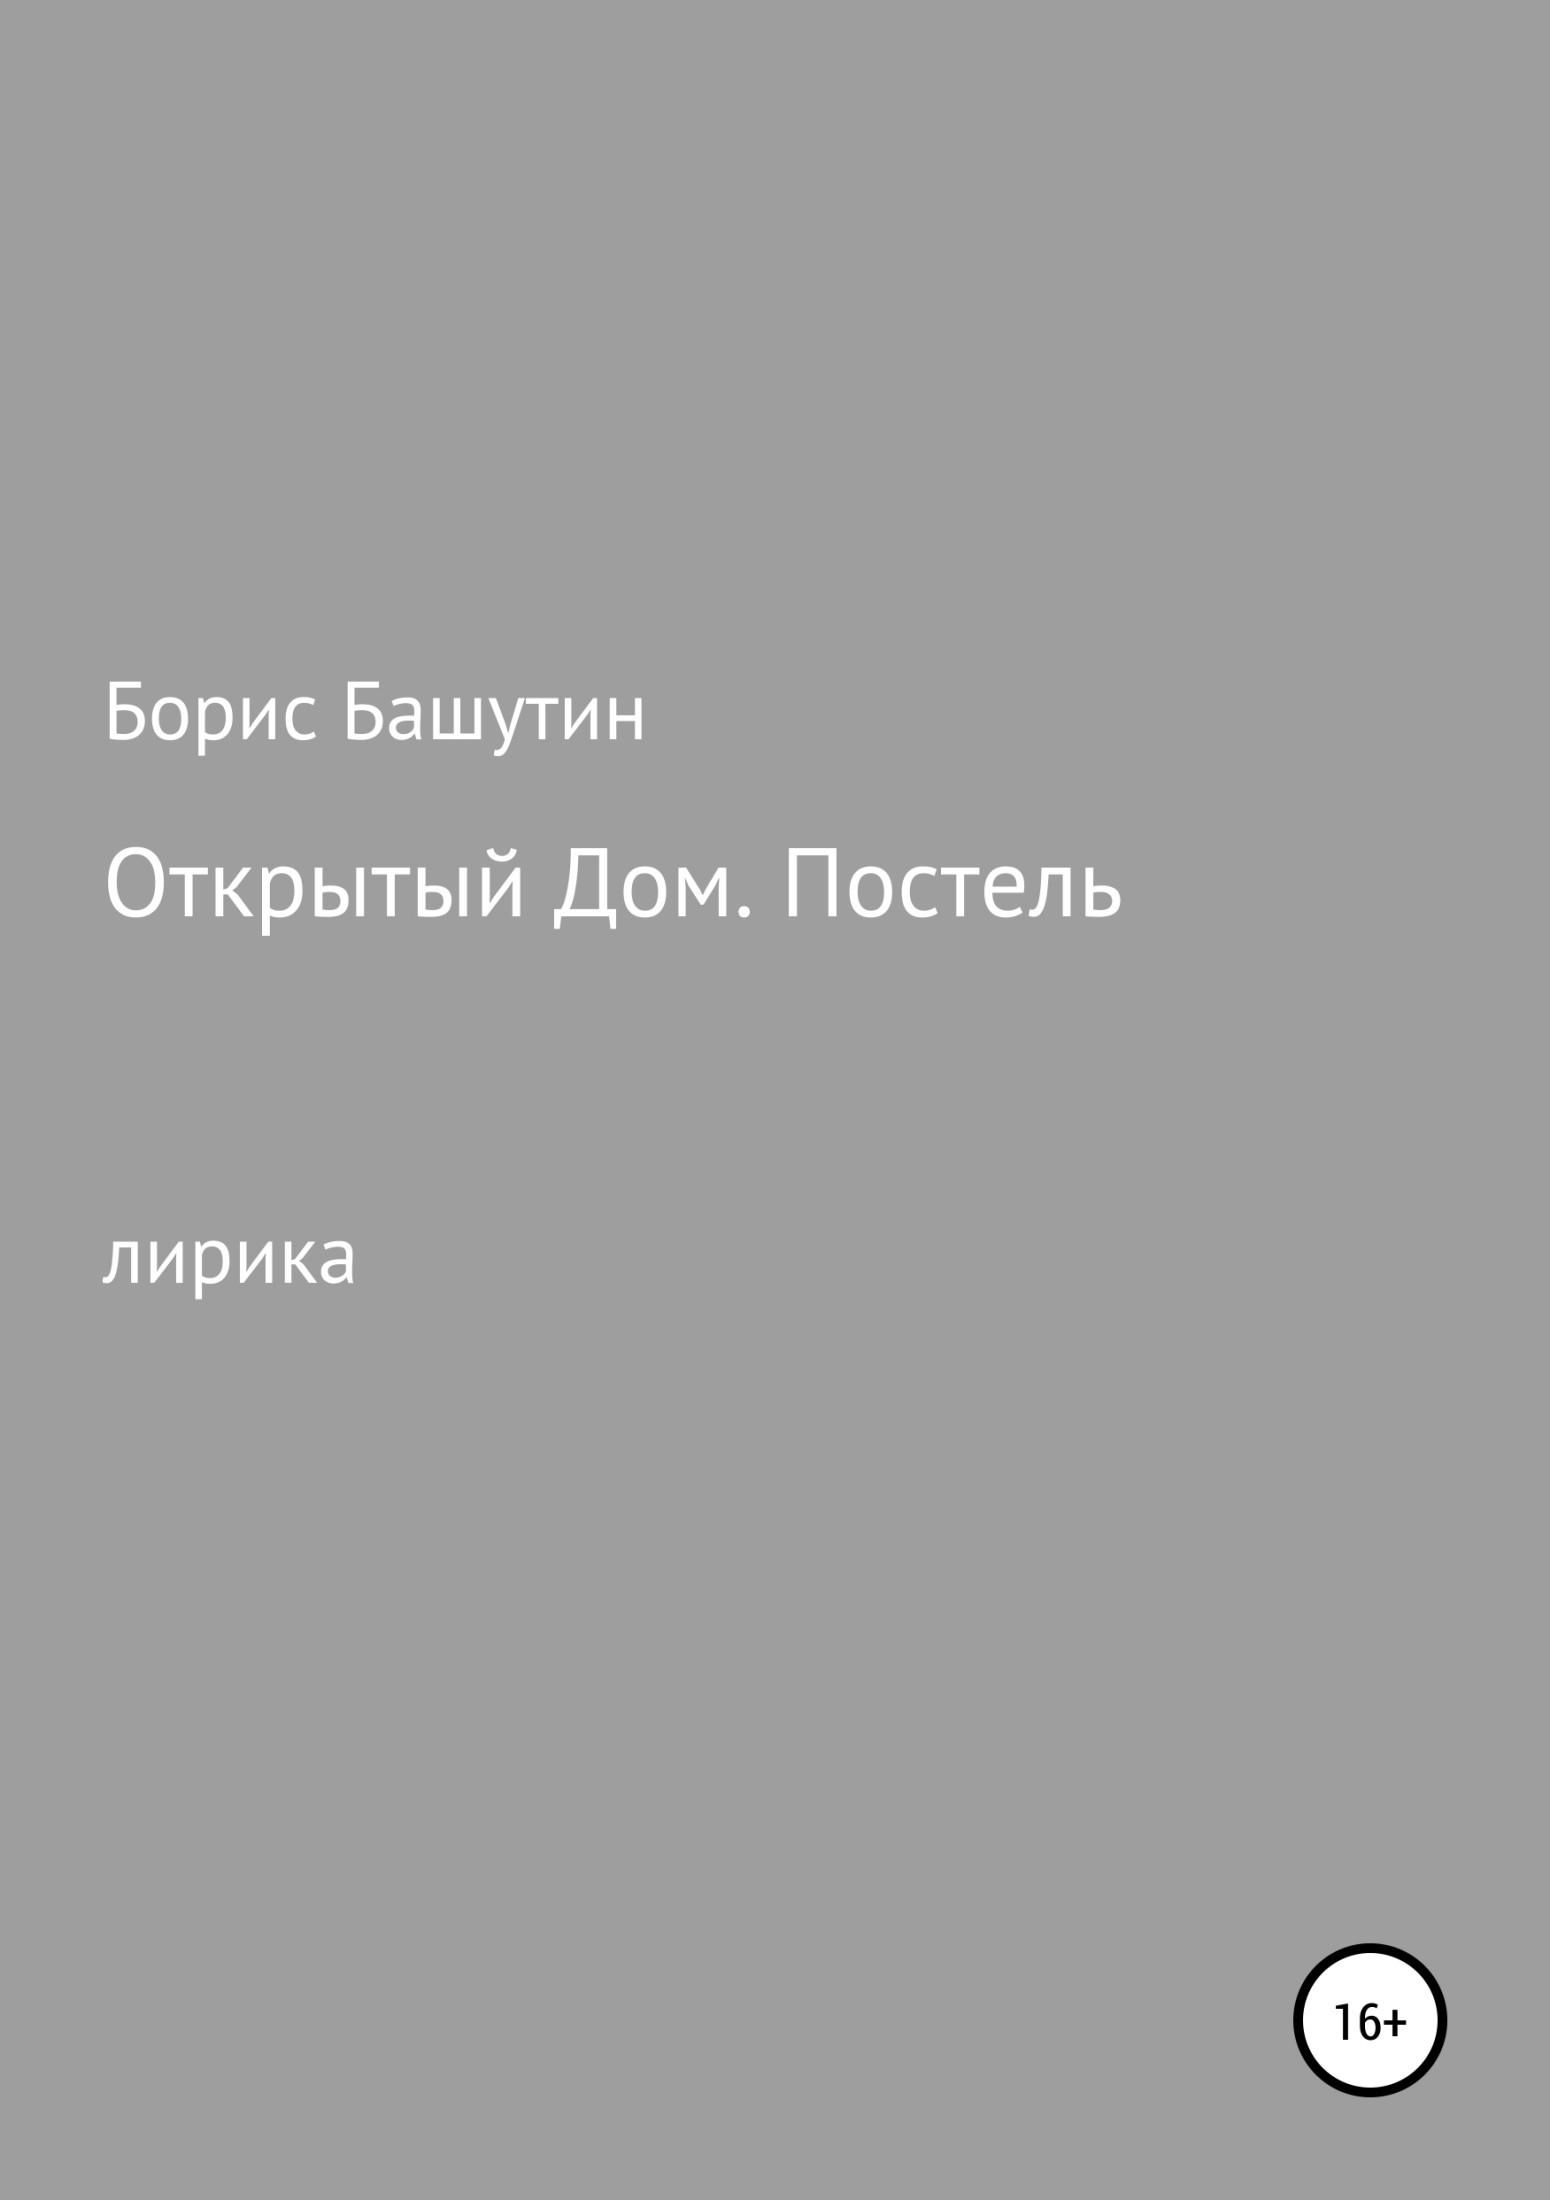 Борис Валерьевич Башутин Открытый дом. Постель татиана северинова унисон лирика религиозная пейзажная философская